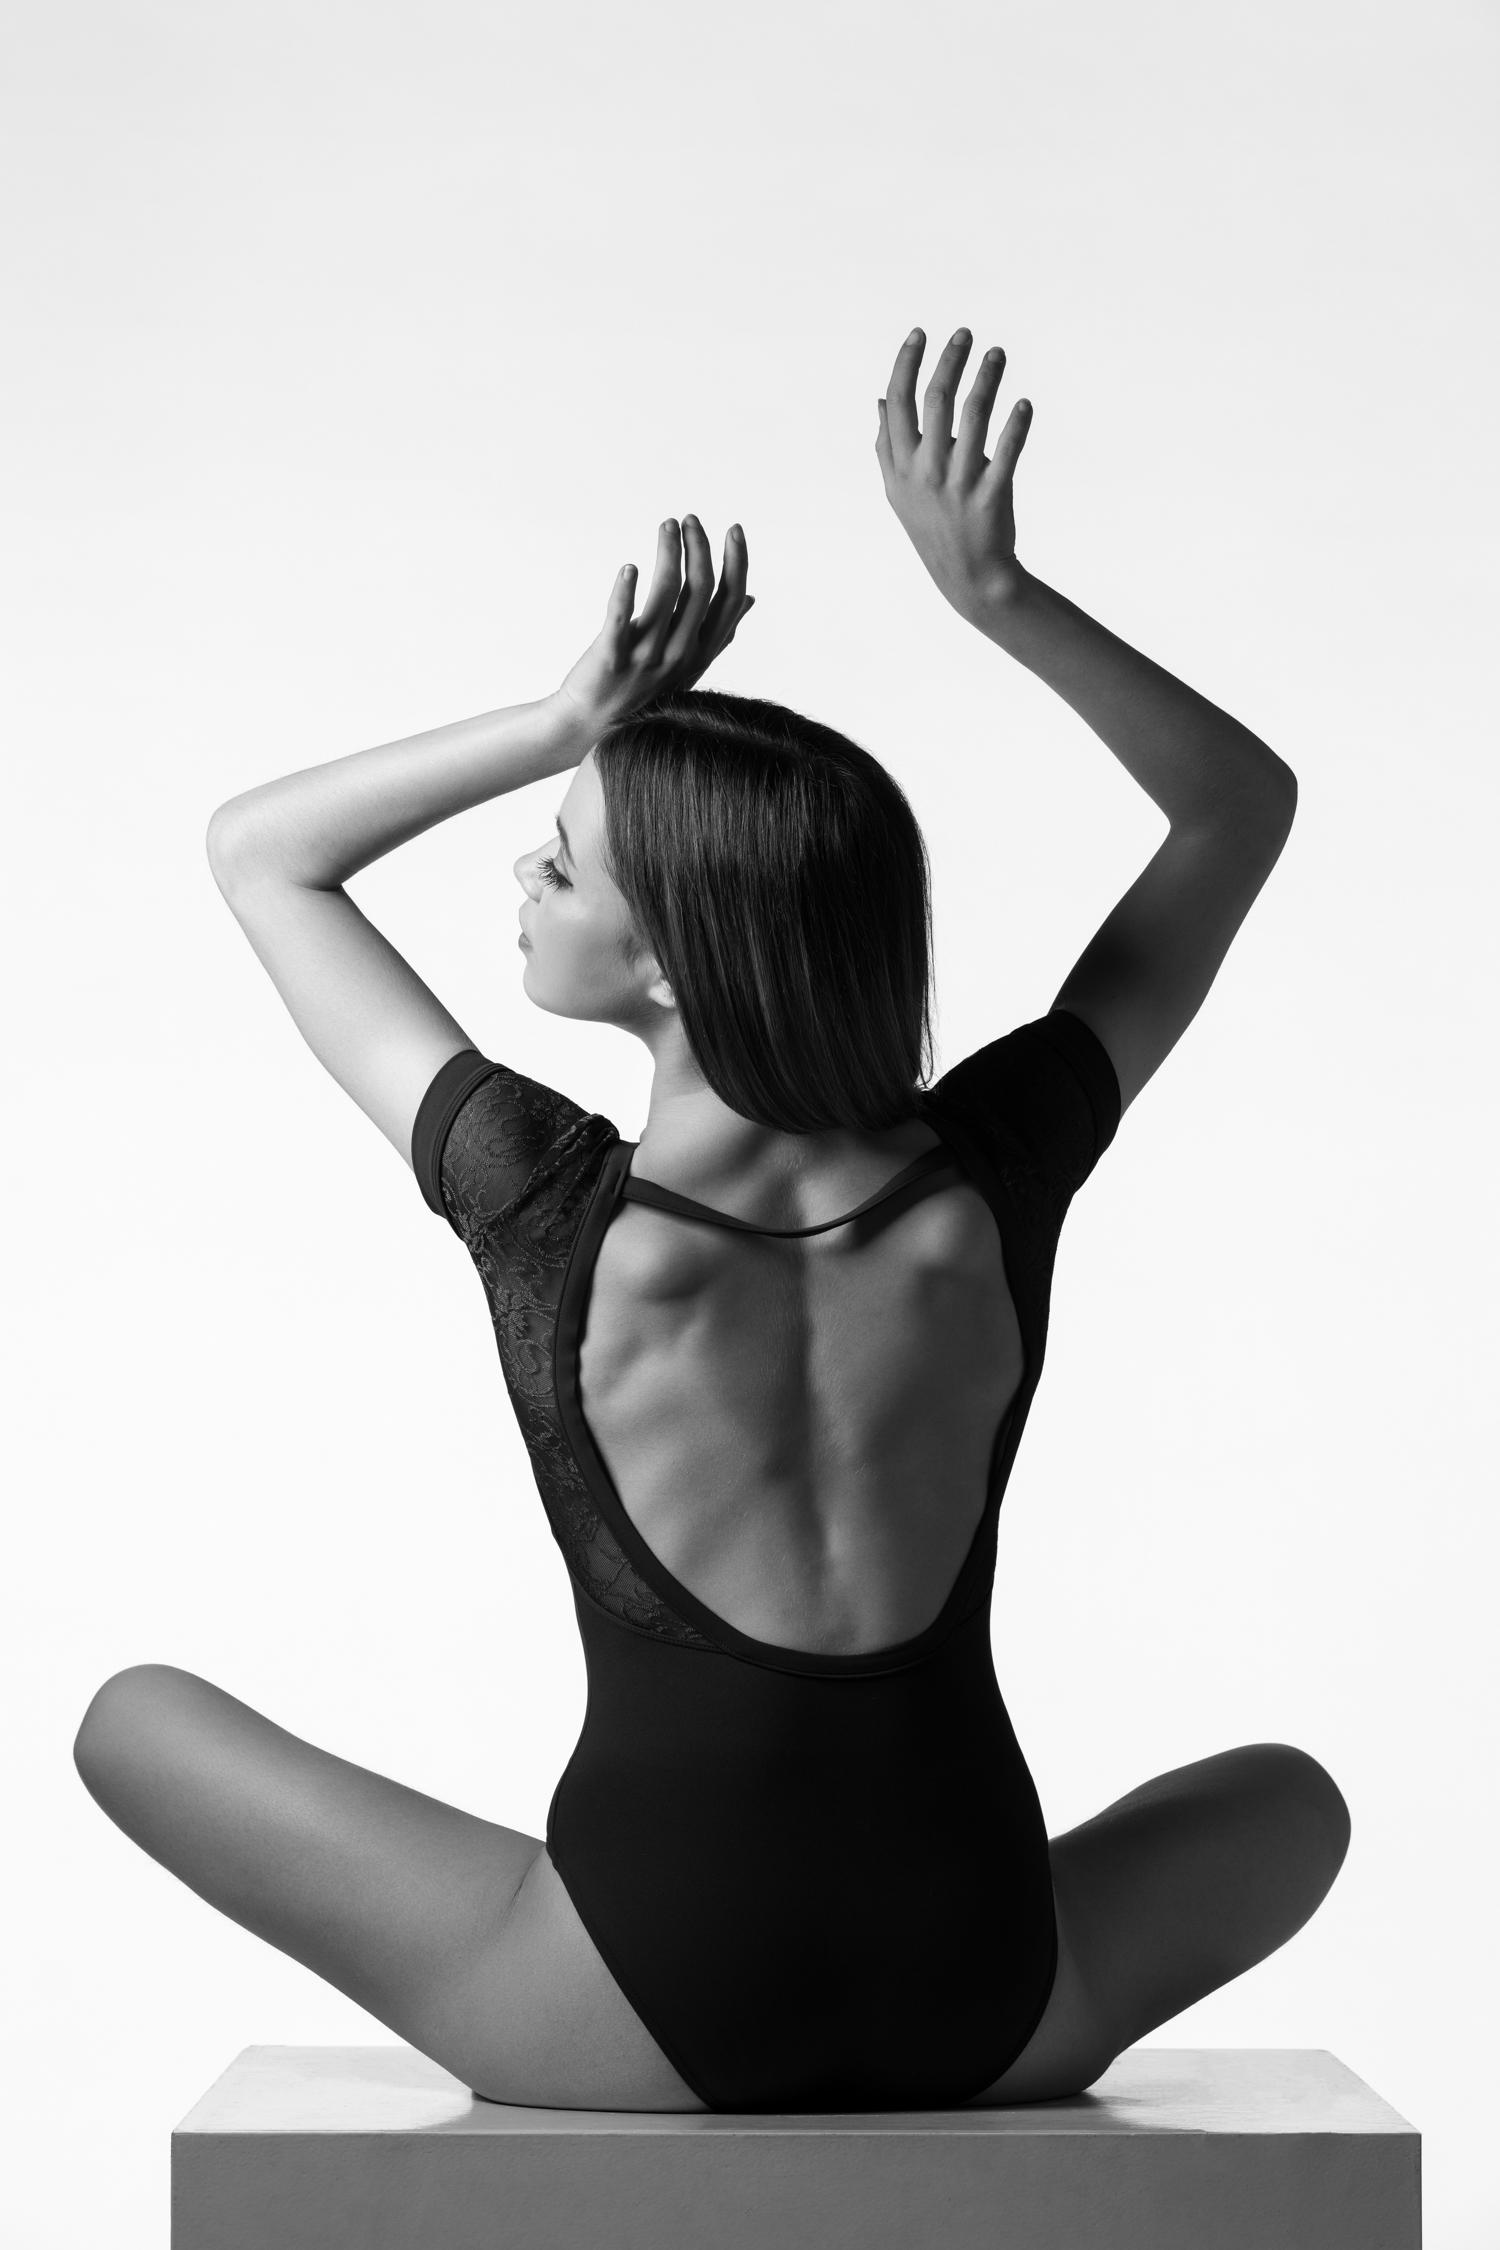 0121 Amy Van Weert Dance Shoot 2 B_W.jpg